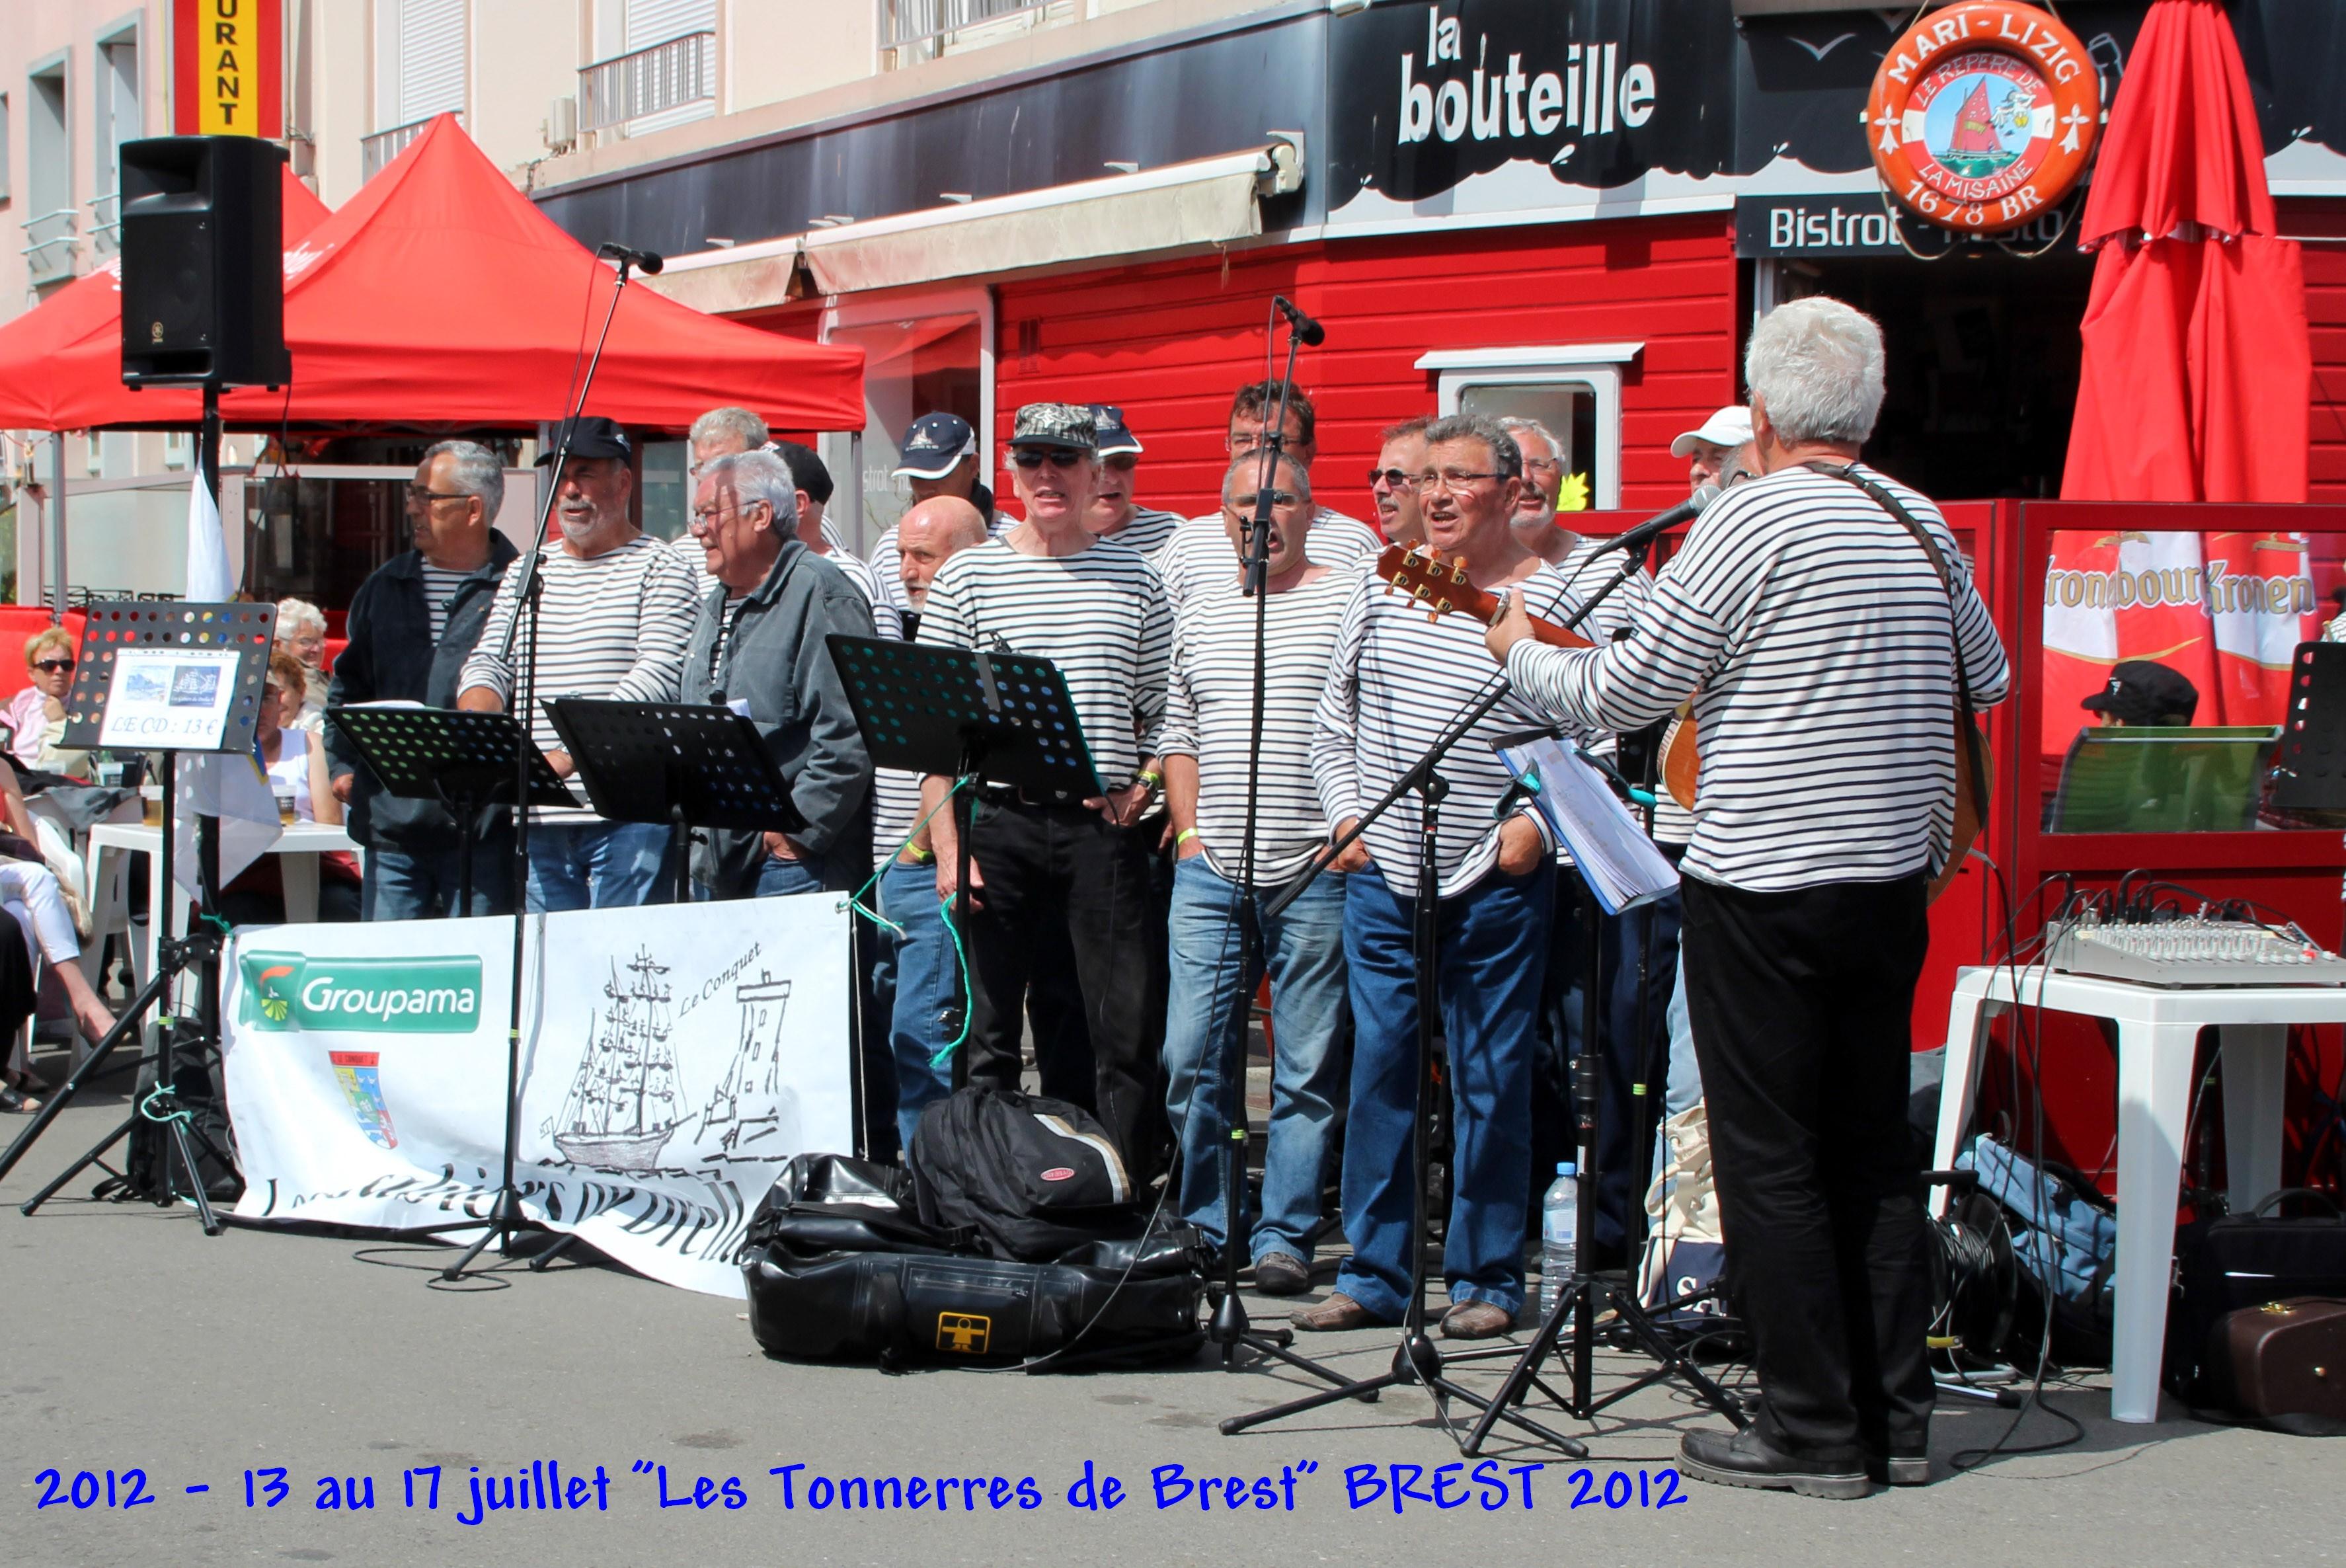 4 - Tonnerres de Brest 2012 Les gabiers du Drellach.jpg